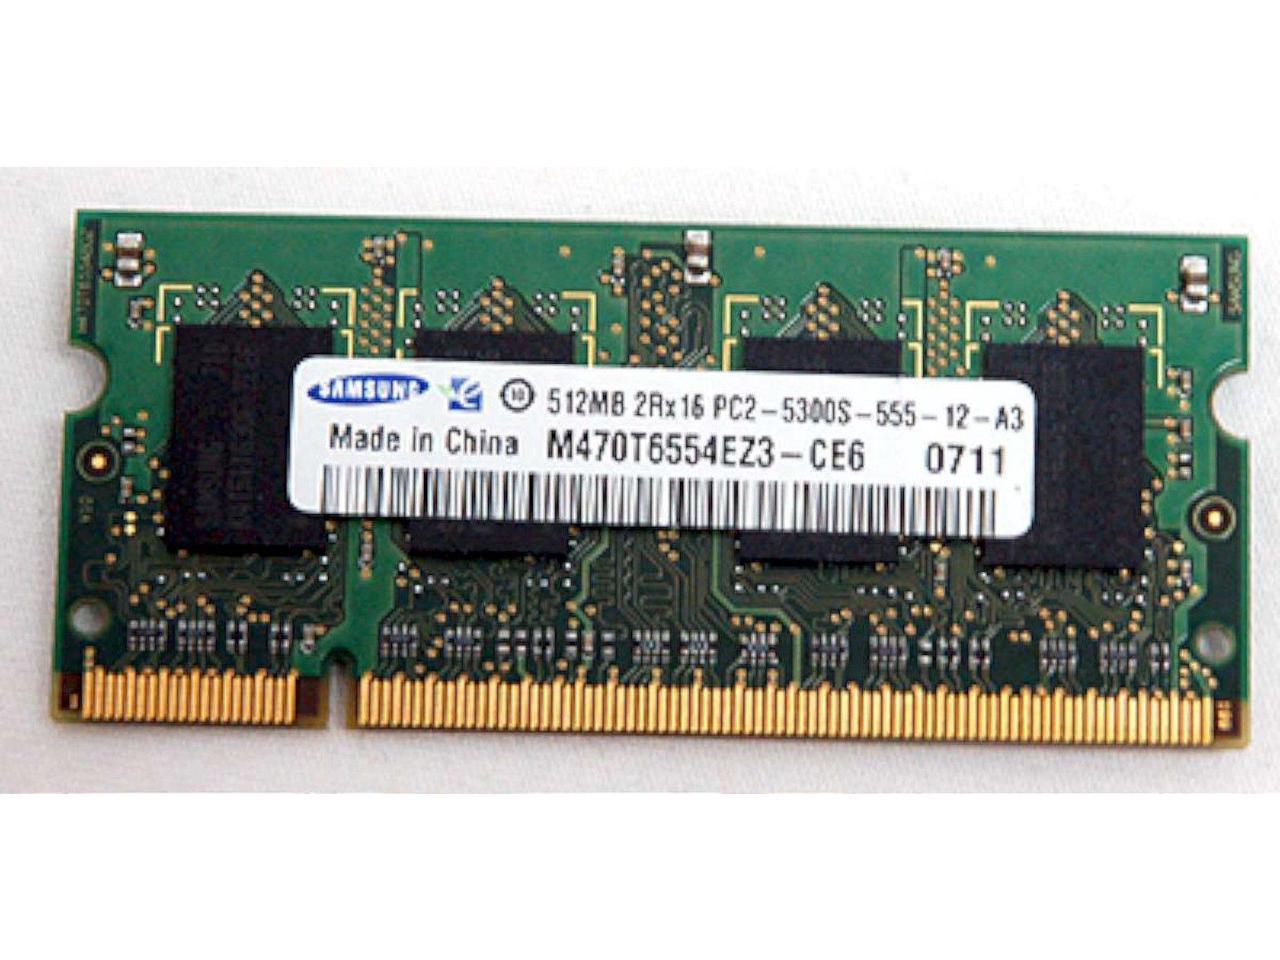 New Samsung Laptop Ddr2 Ram 512mb Pc2 5300s 555 12 A3 Dv6000 V6000 Dv9000 F500 Newegg Com